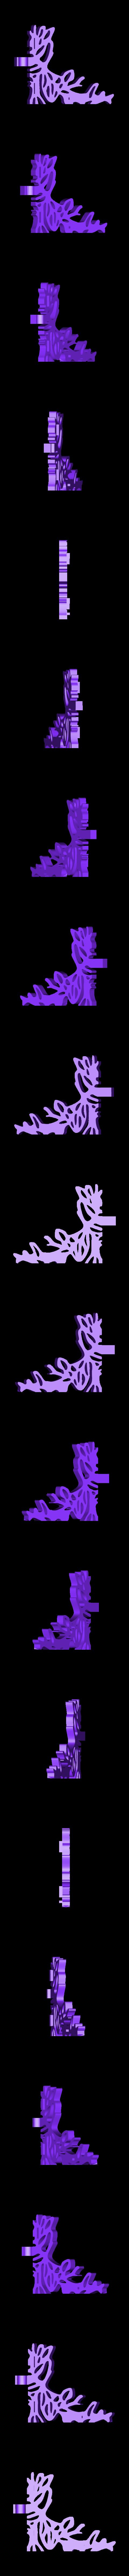 frame_part2.stl Télécharger fichier STL gratuit Cadre avant/arrière • Plan pour impression 3D, Holyjenkins68890